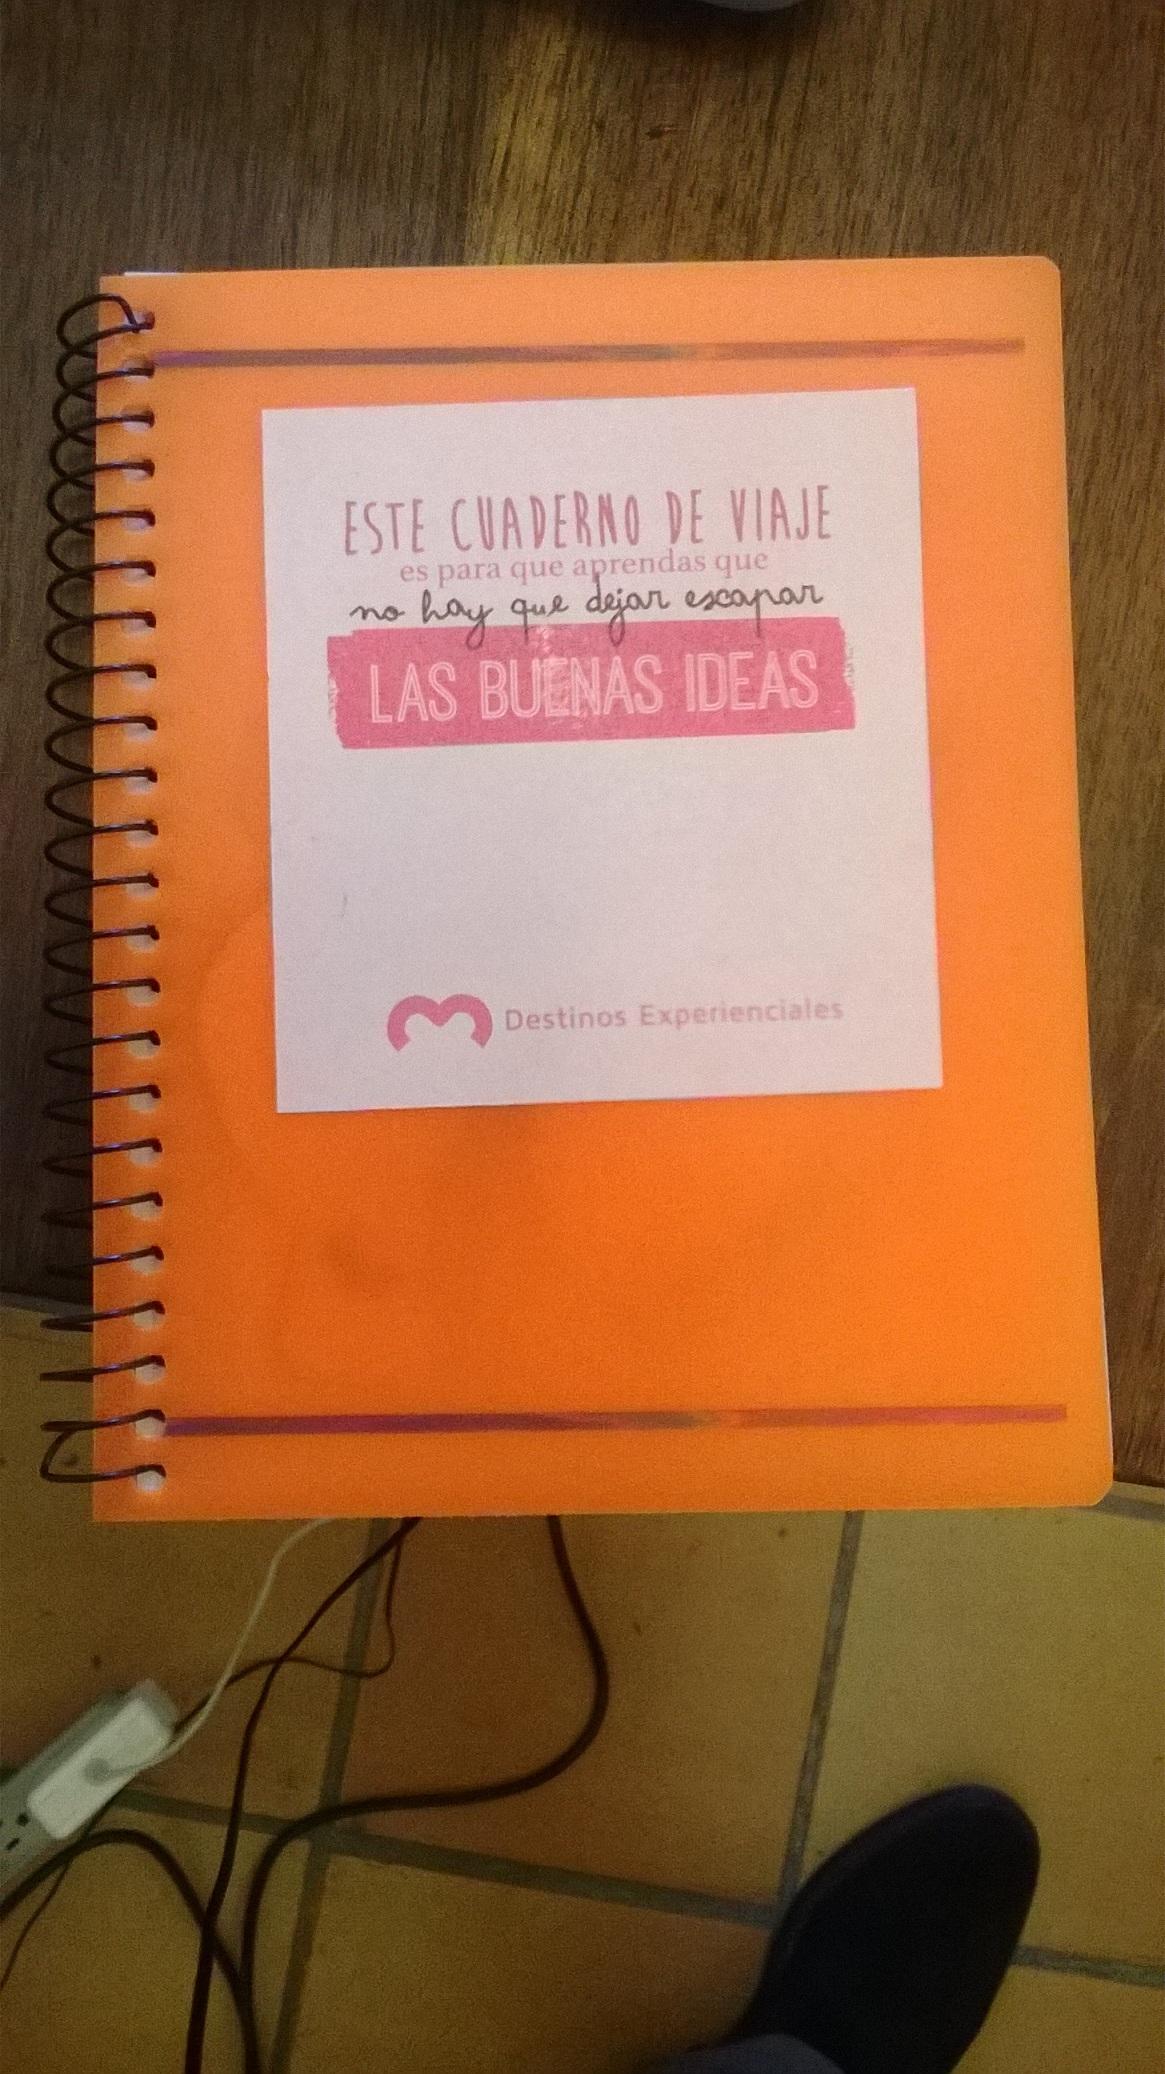 Cuaderno de viaje para formación de turismo experiencial